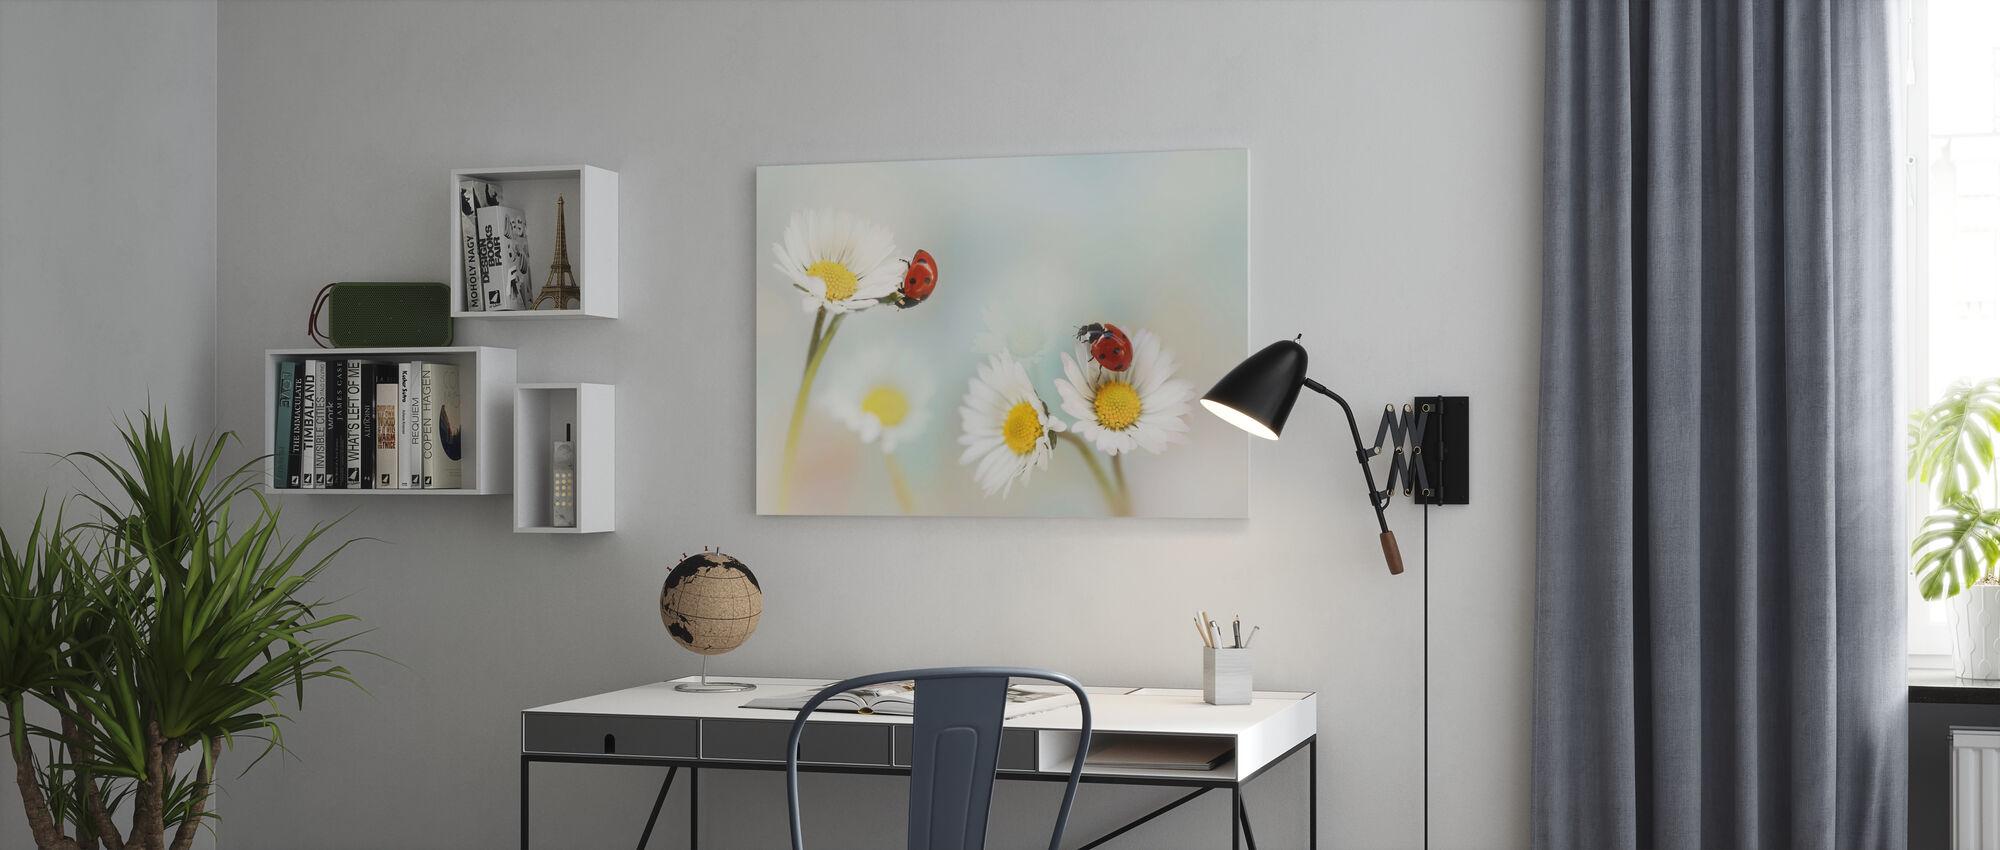 Kevätaika - Canvastaulu - Toimisto